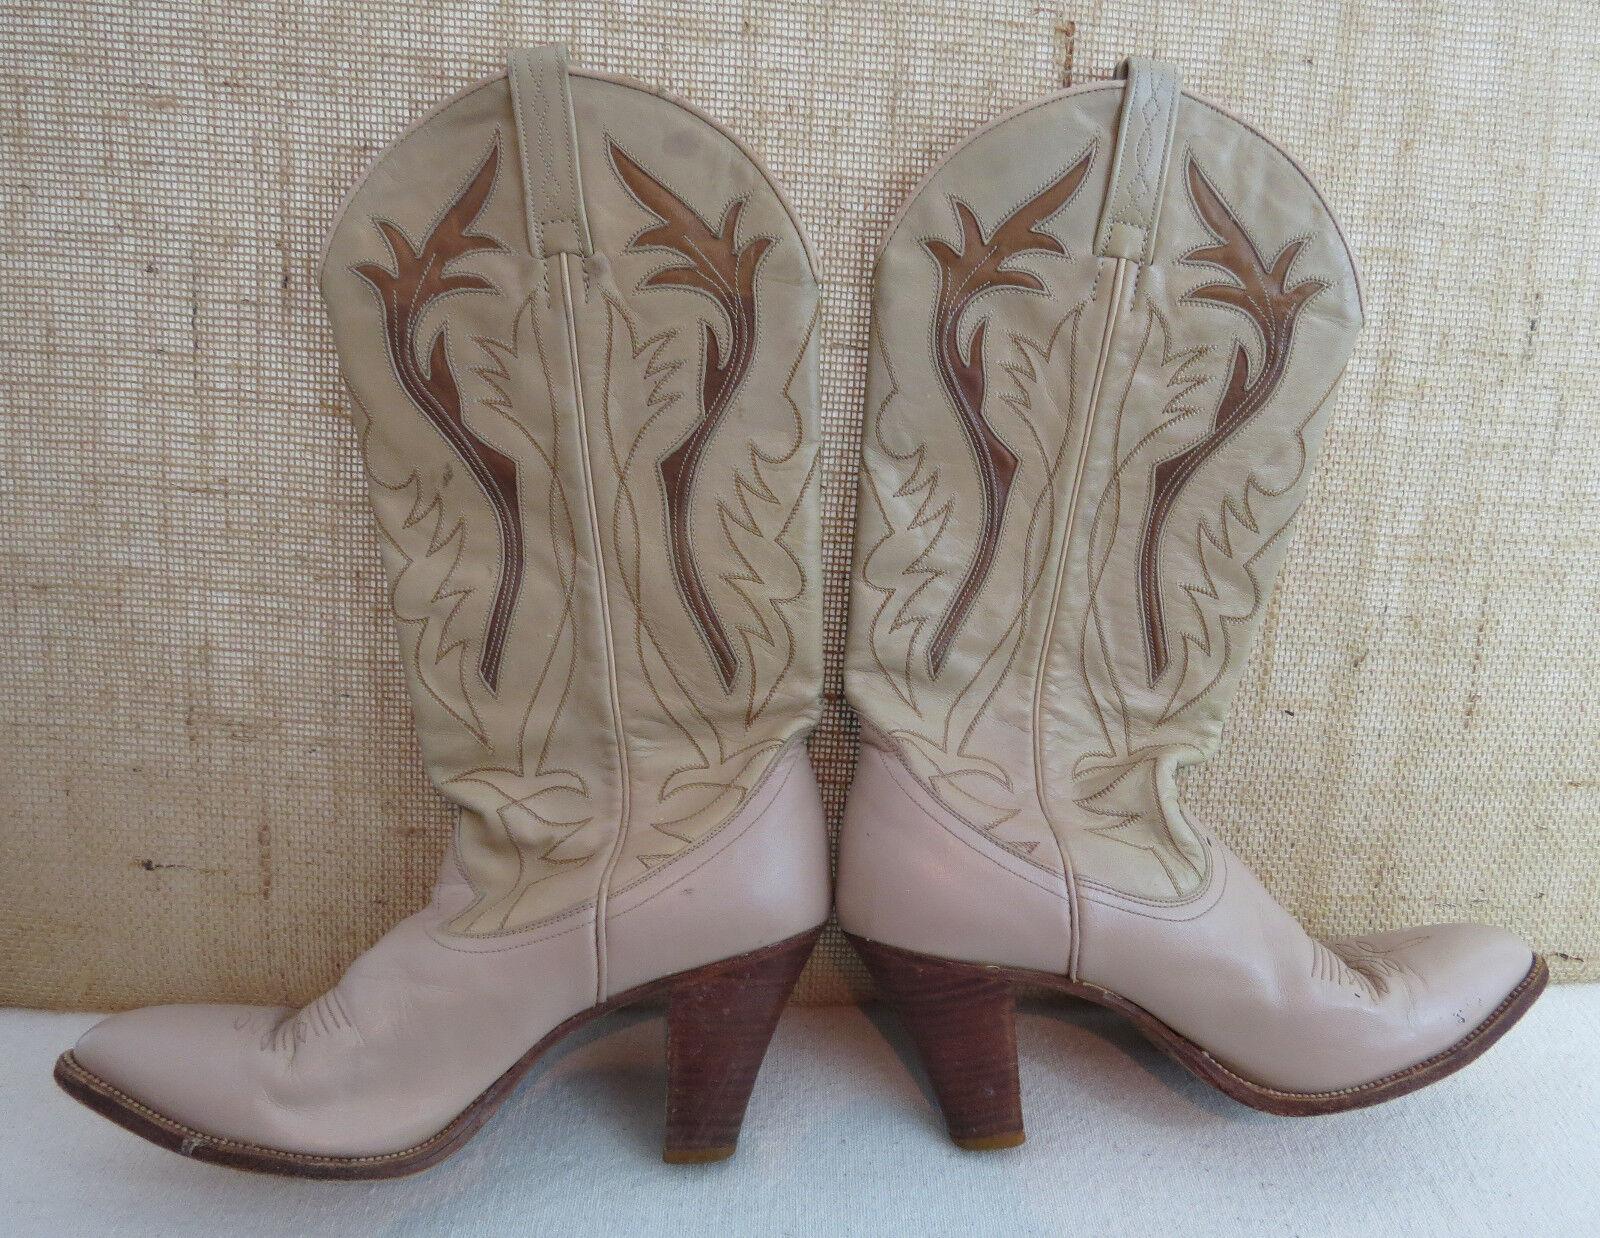 Vintage De Tacón Alto 7,5 n dan Post Cowboy Cowgirl botas blancoo Bronceado Crema Sexy